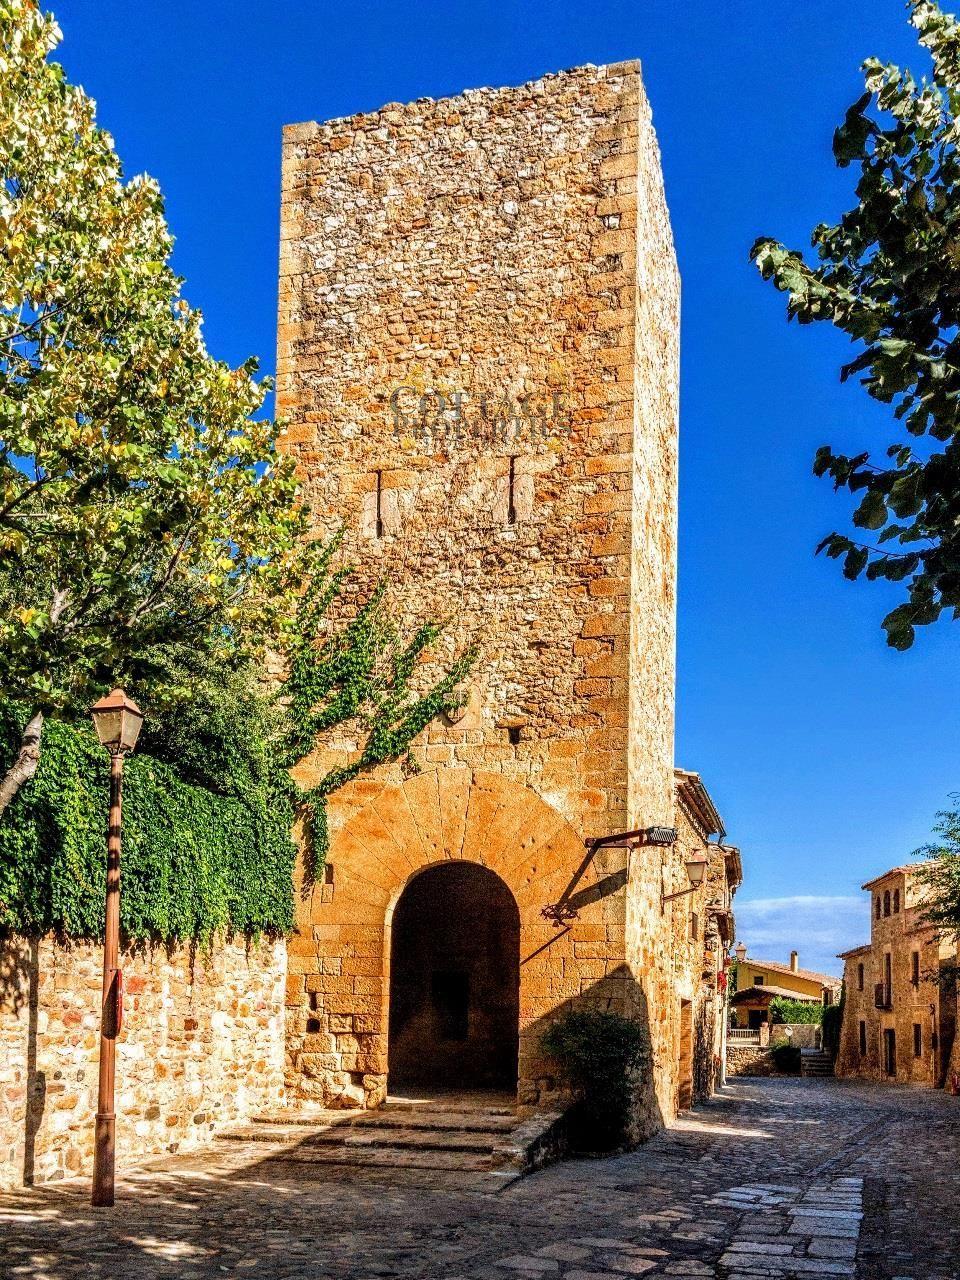 1144: Casas de pueblo in Forallac